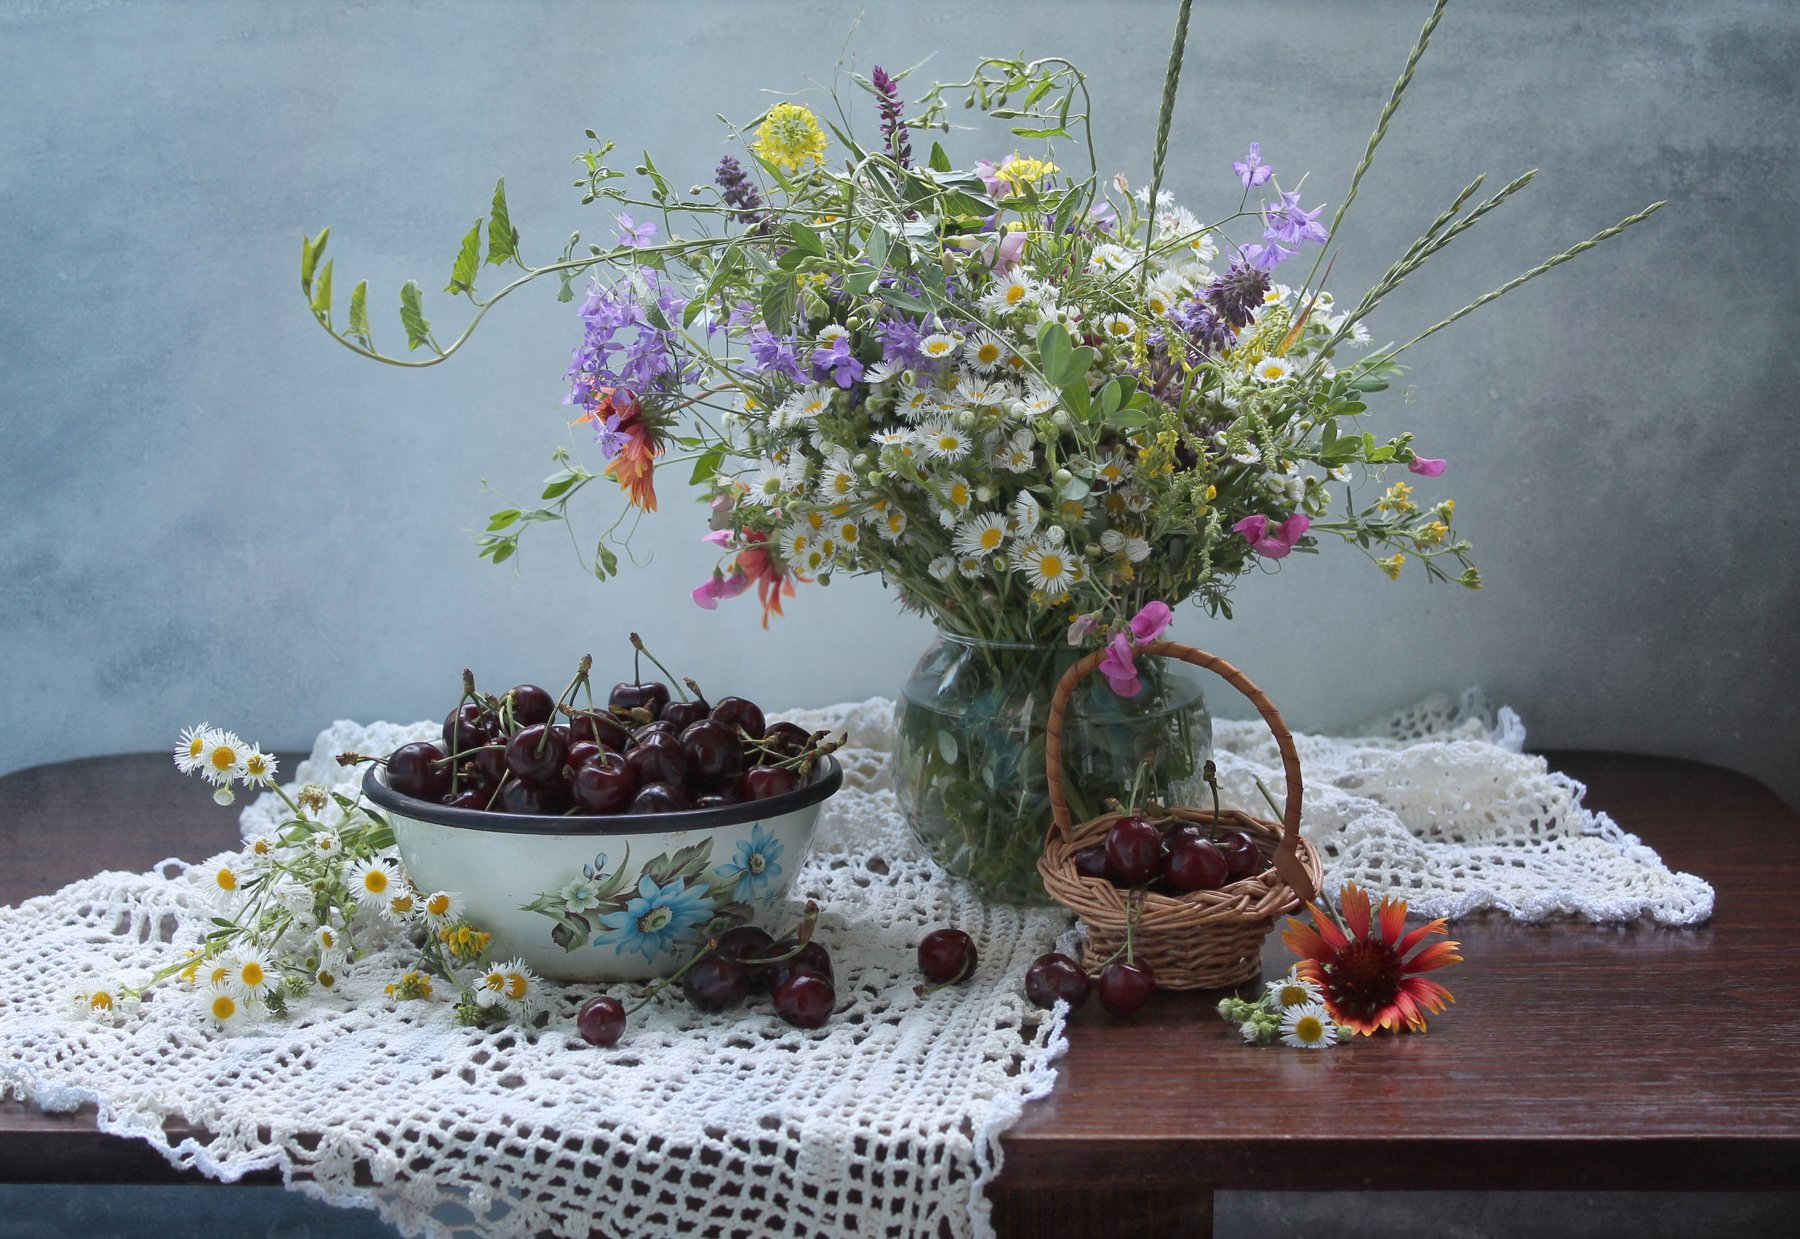 натюрморт, лето, черешня, полевые цветы, ковалева светлана, Ковалева Светлана